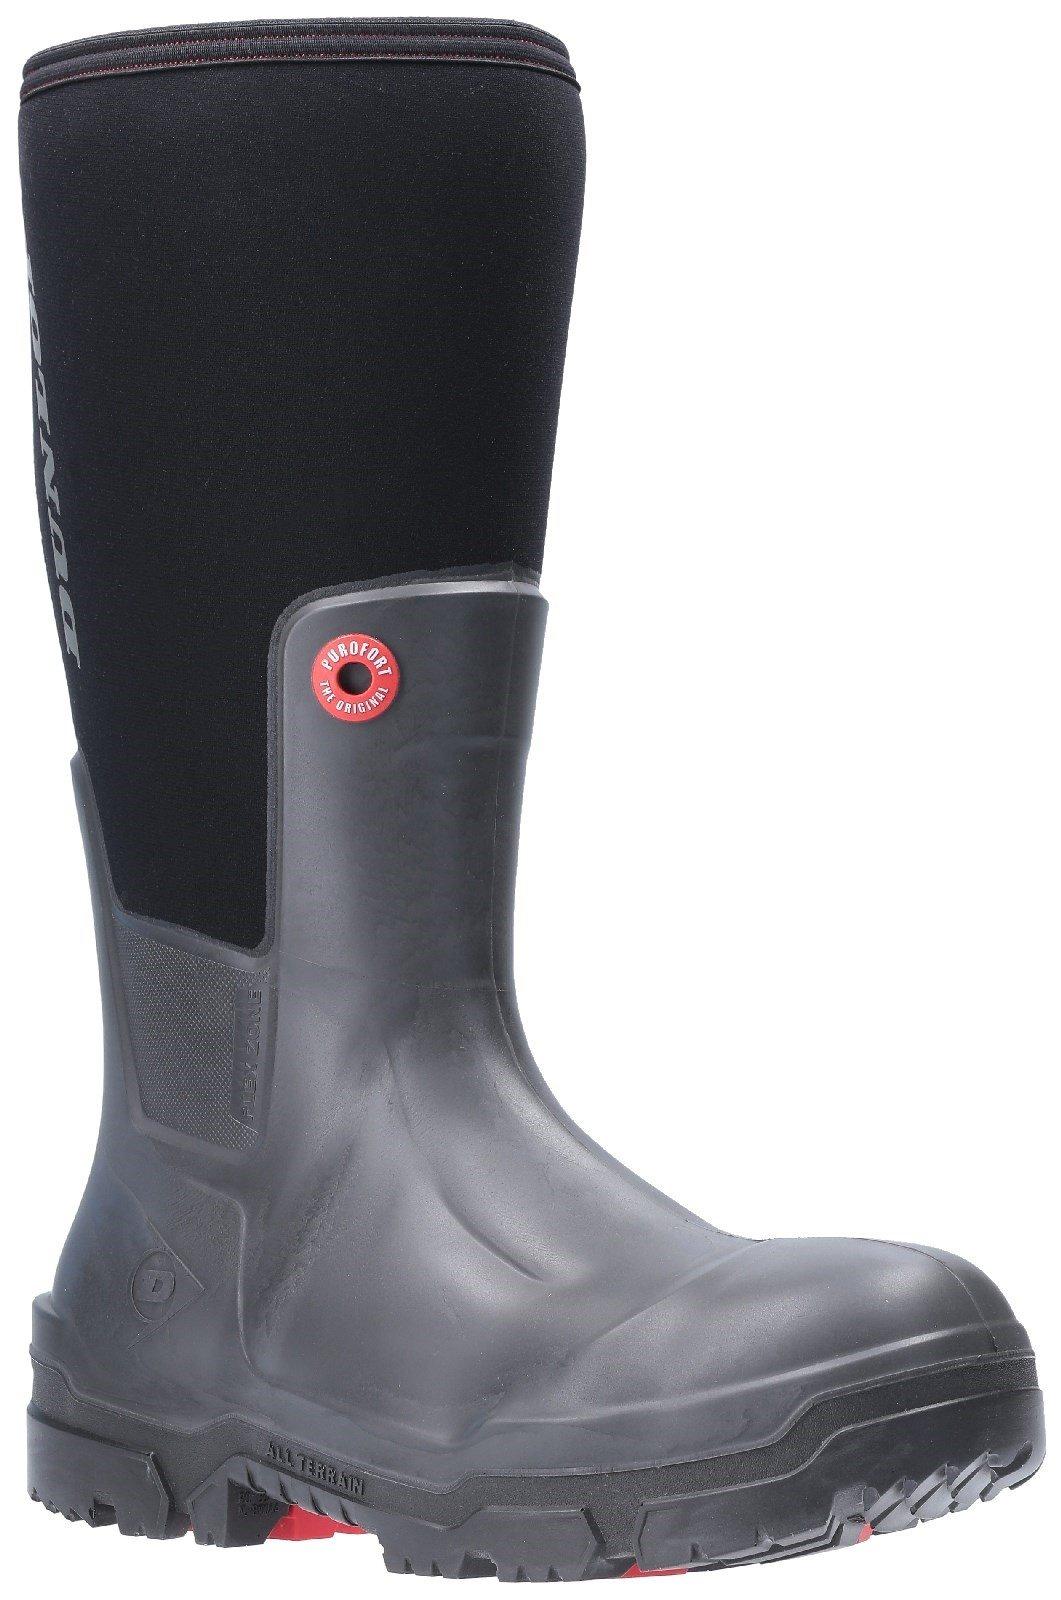 Dunlop Unisex Snugboot Pioneer Slip On Boot Black 30075 - Black 5